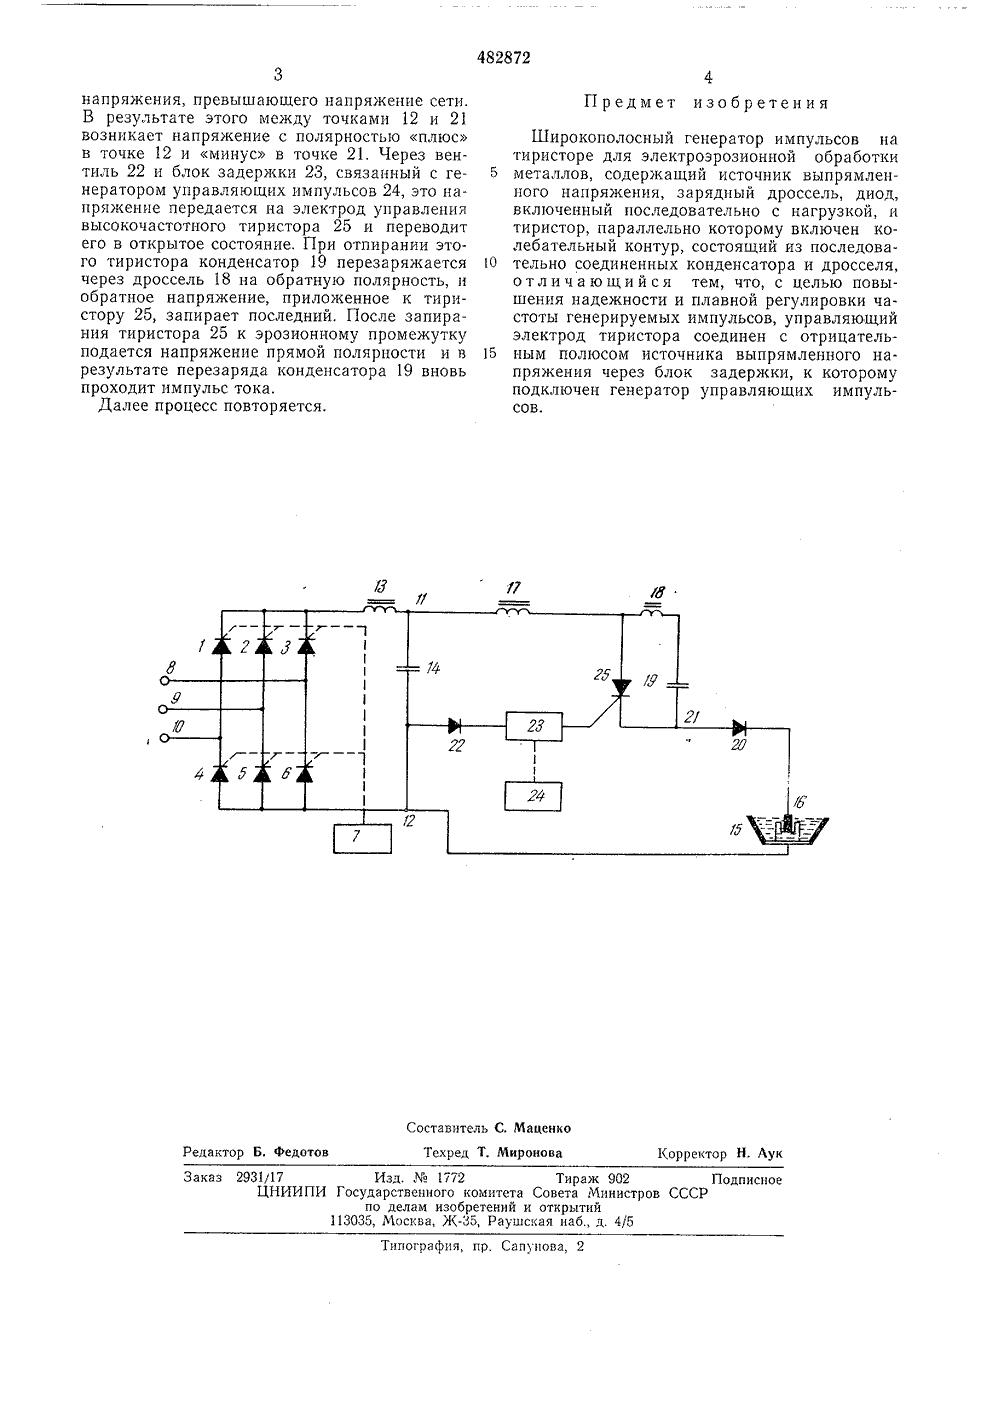 мультивибратор на тиристорах схема